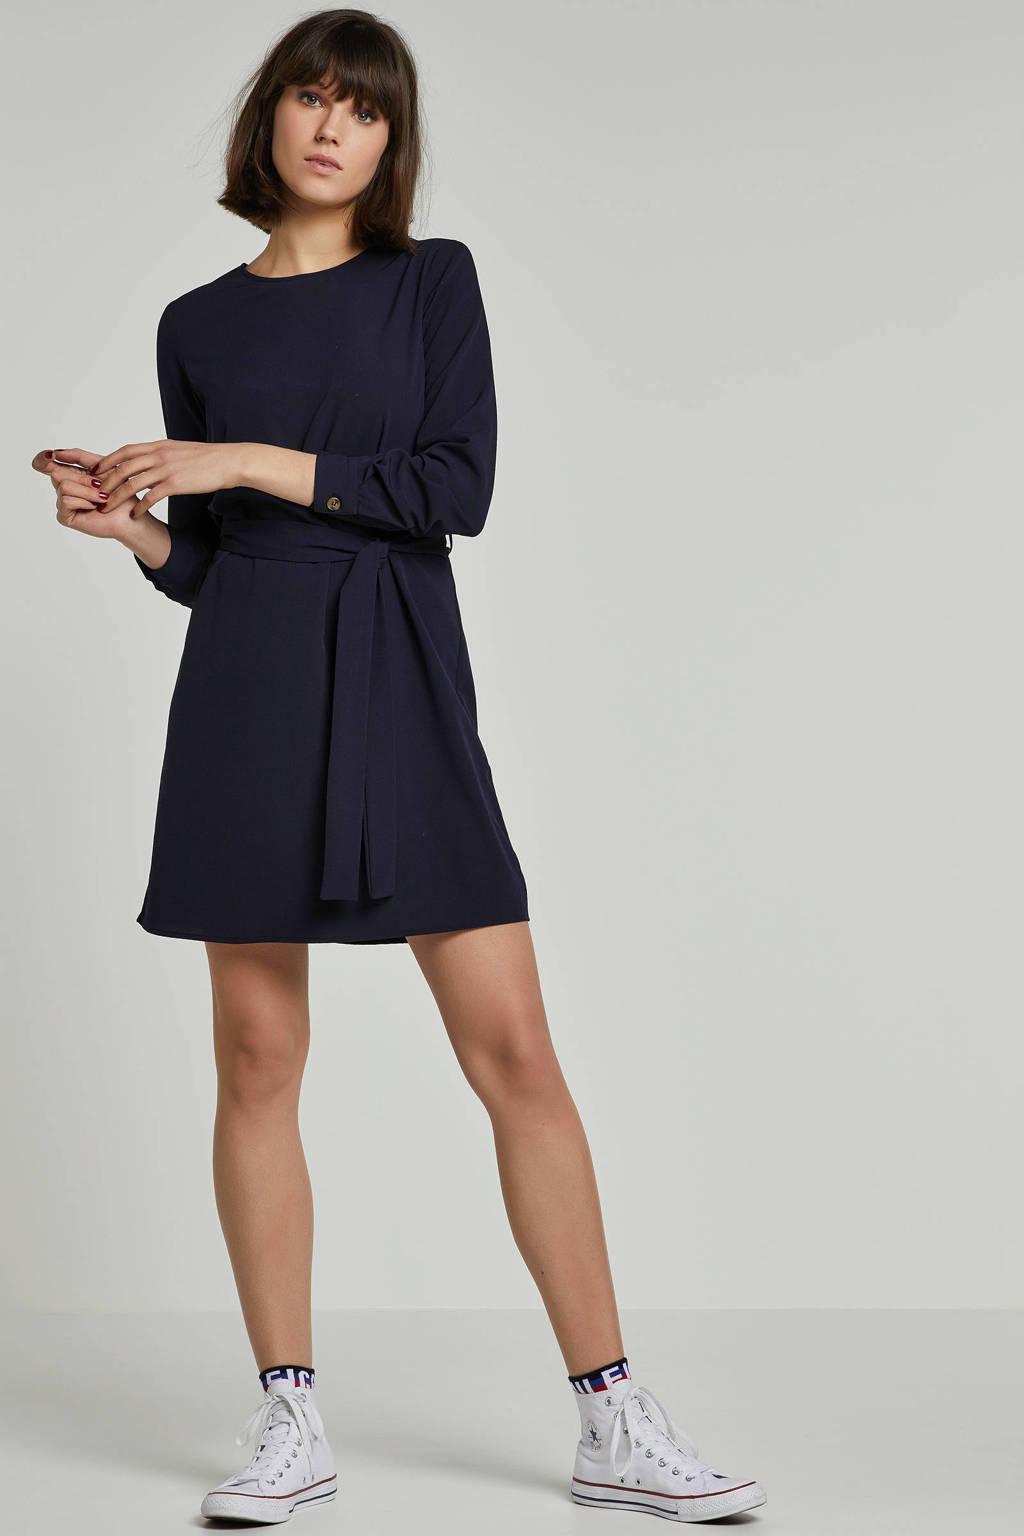 VERO MODA jurk met bindceintuur donkerblauw, Donkerblauw